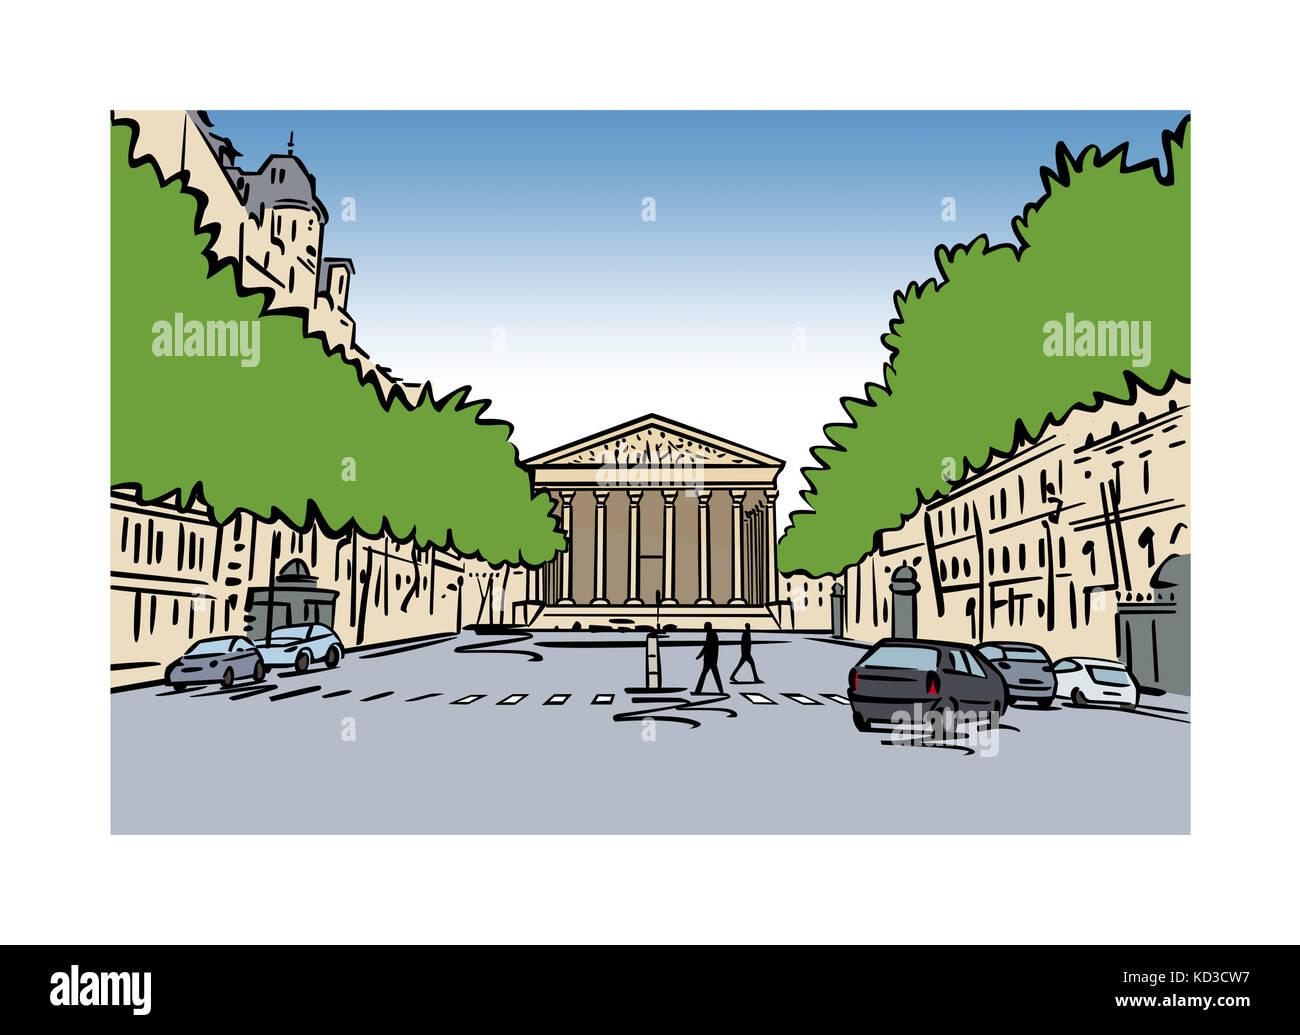 Illustration de la madeleine, Paris, France Banque D'Images